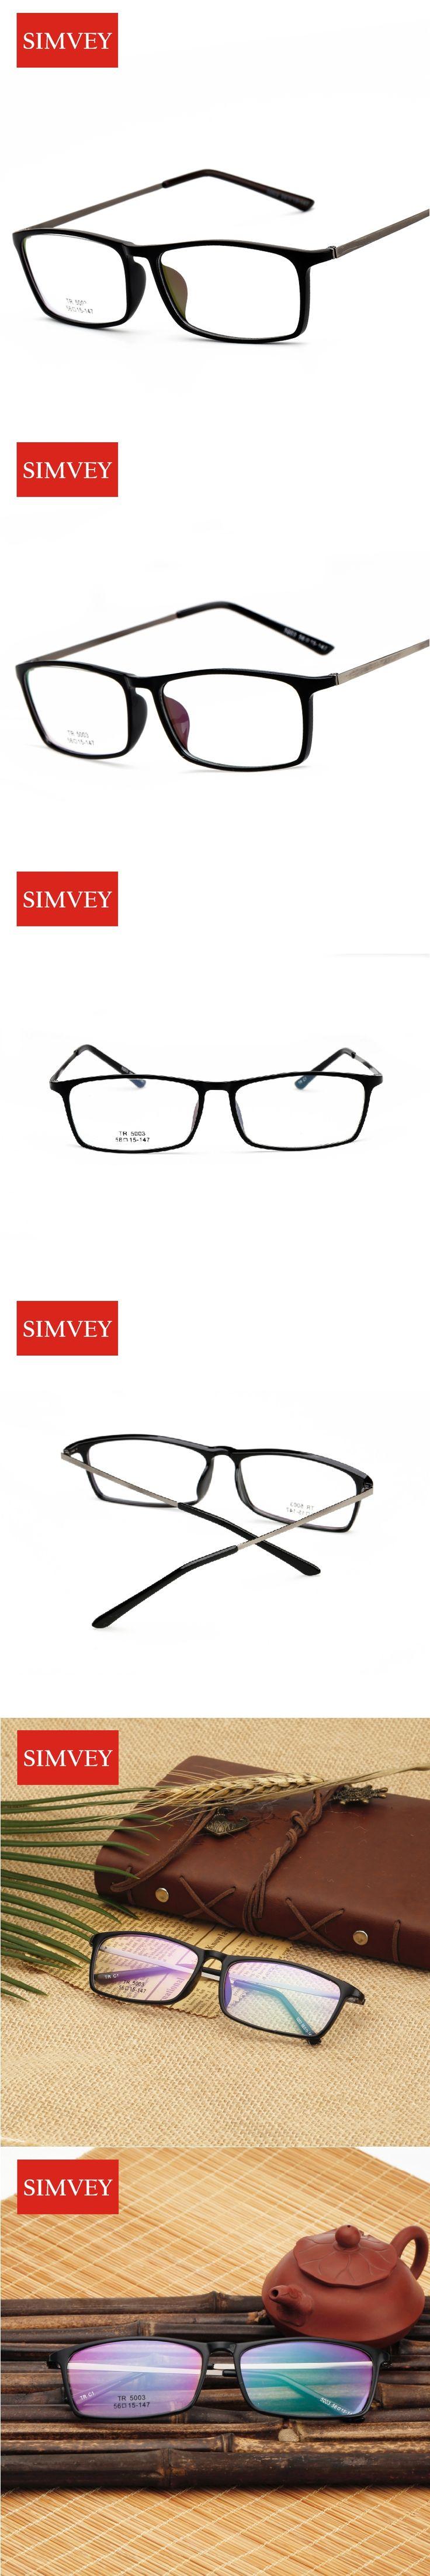 Simvey Korean Retro Designer Nerd Glasses Frames Clear Fashion Square Glasses Eye Glasses Frames for Men TR90